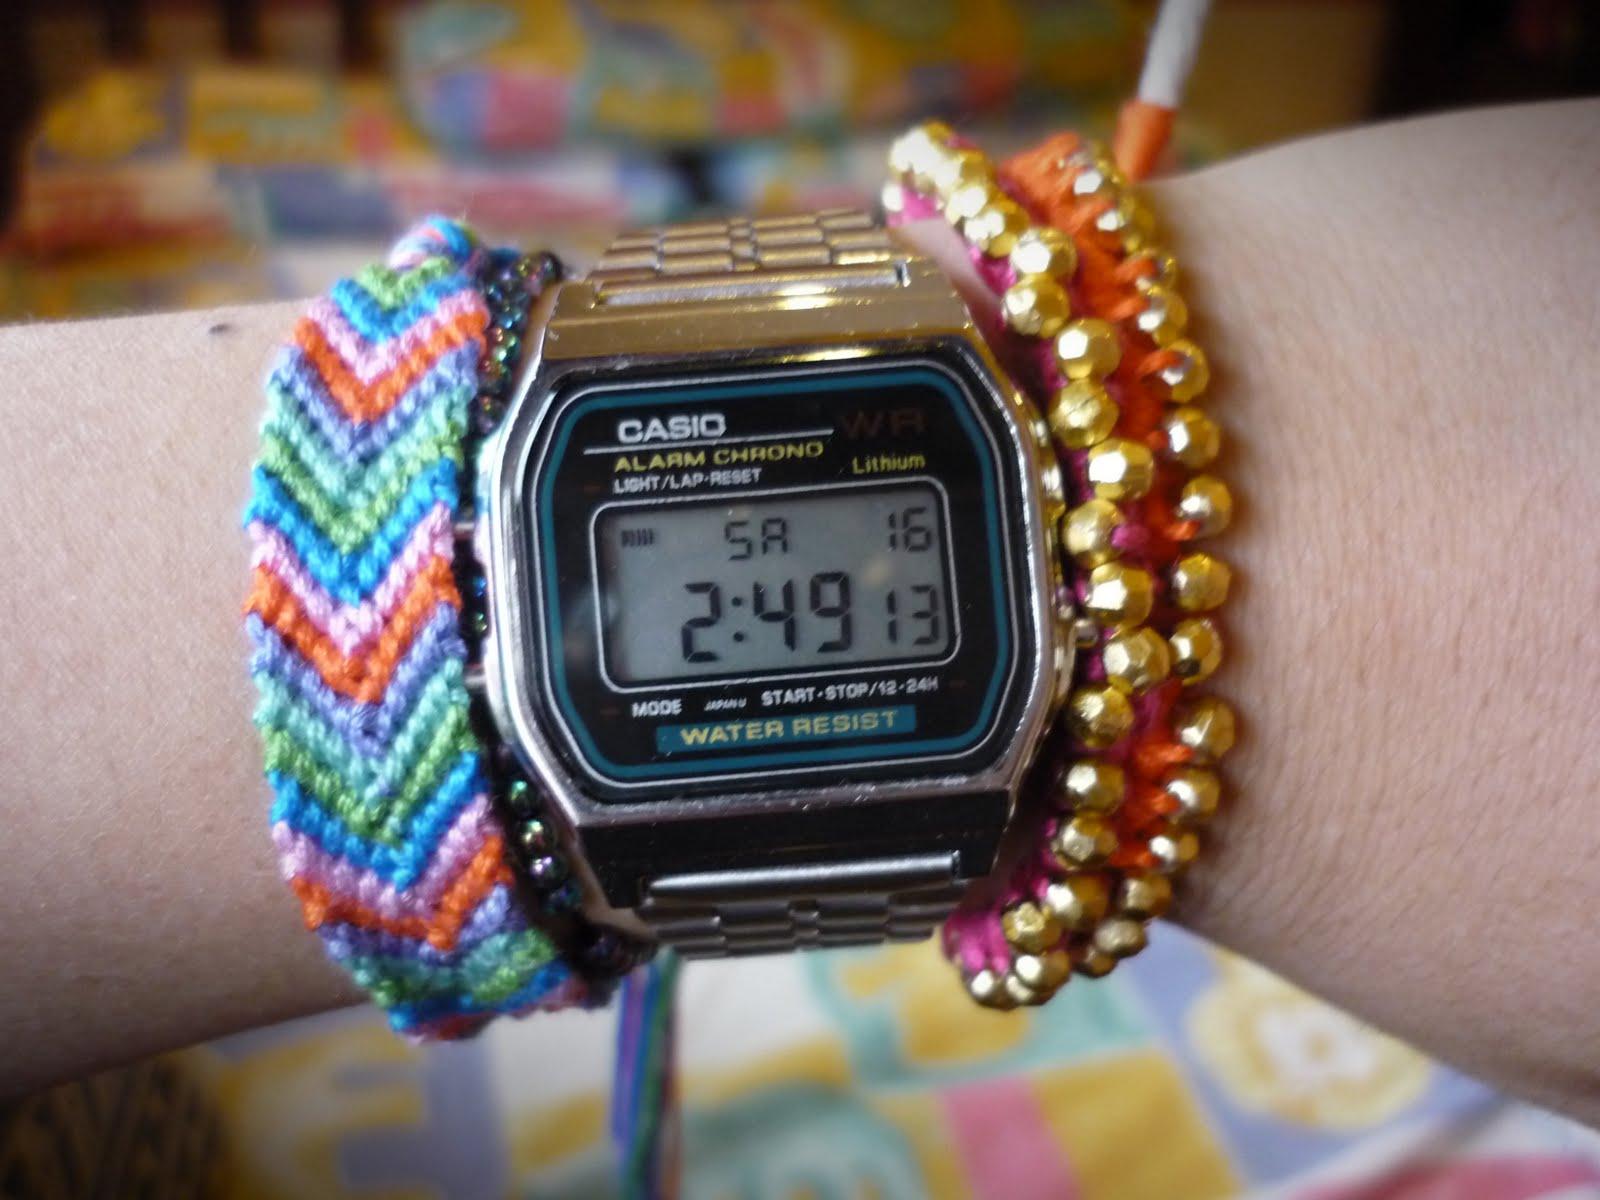 ساعت کاسیو قیمت